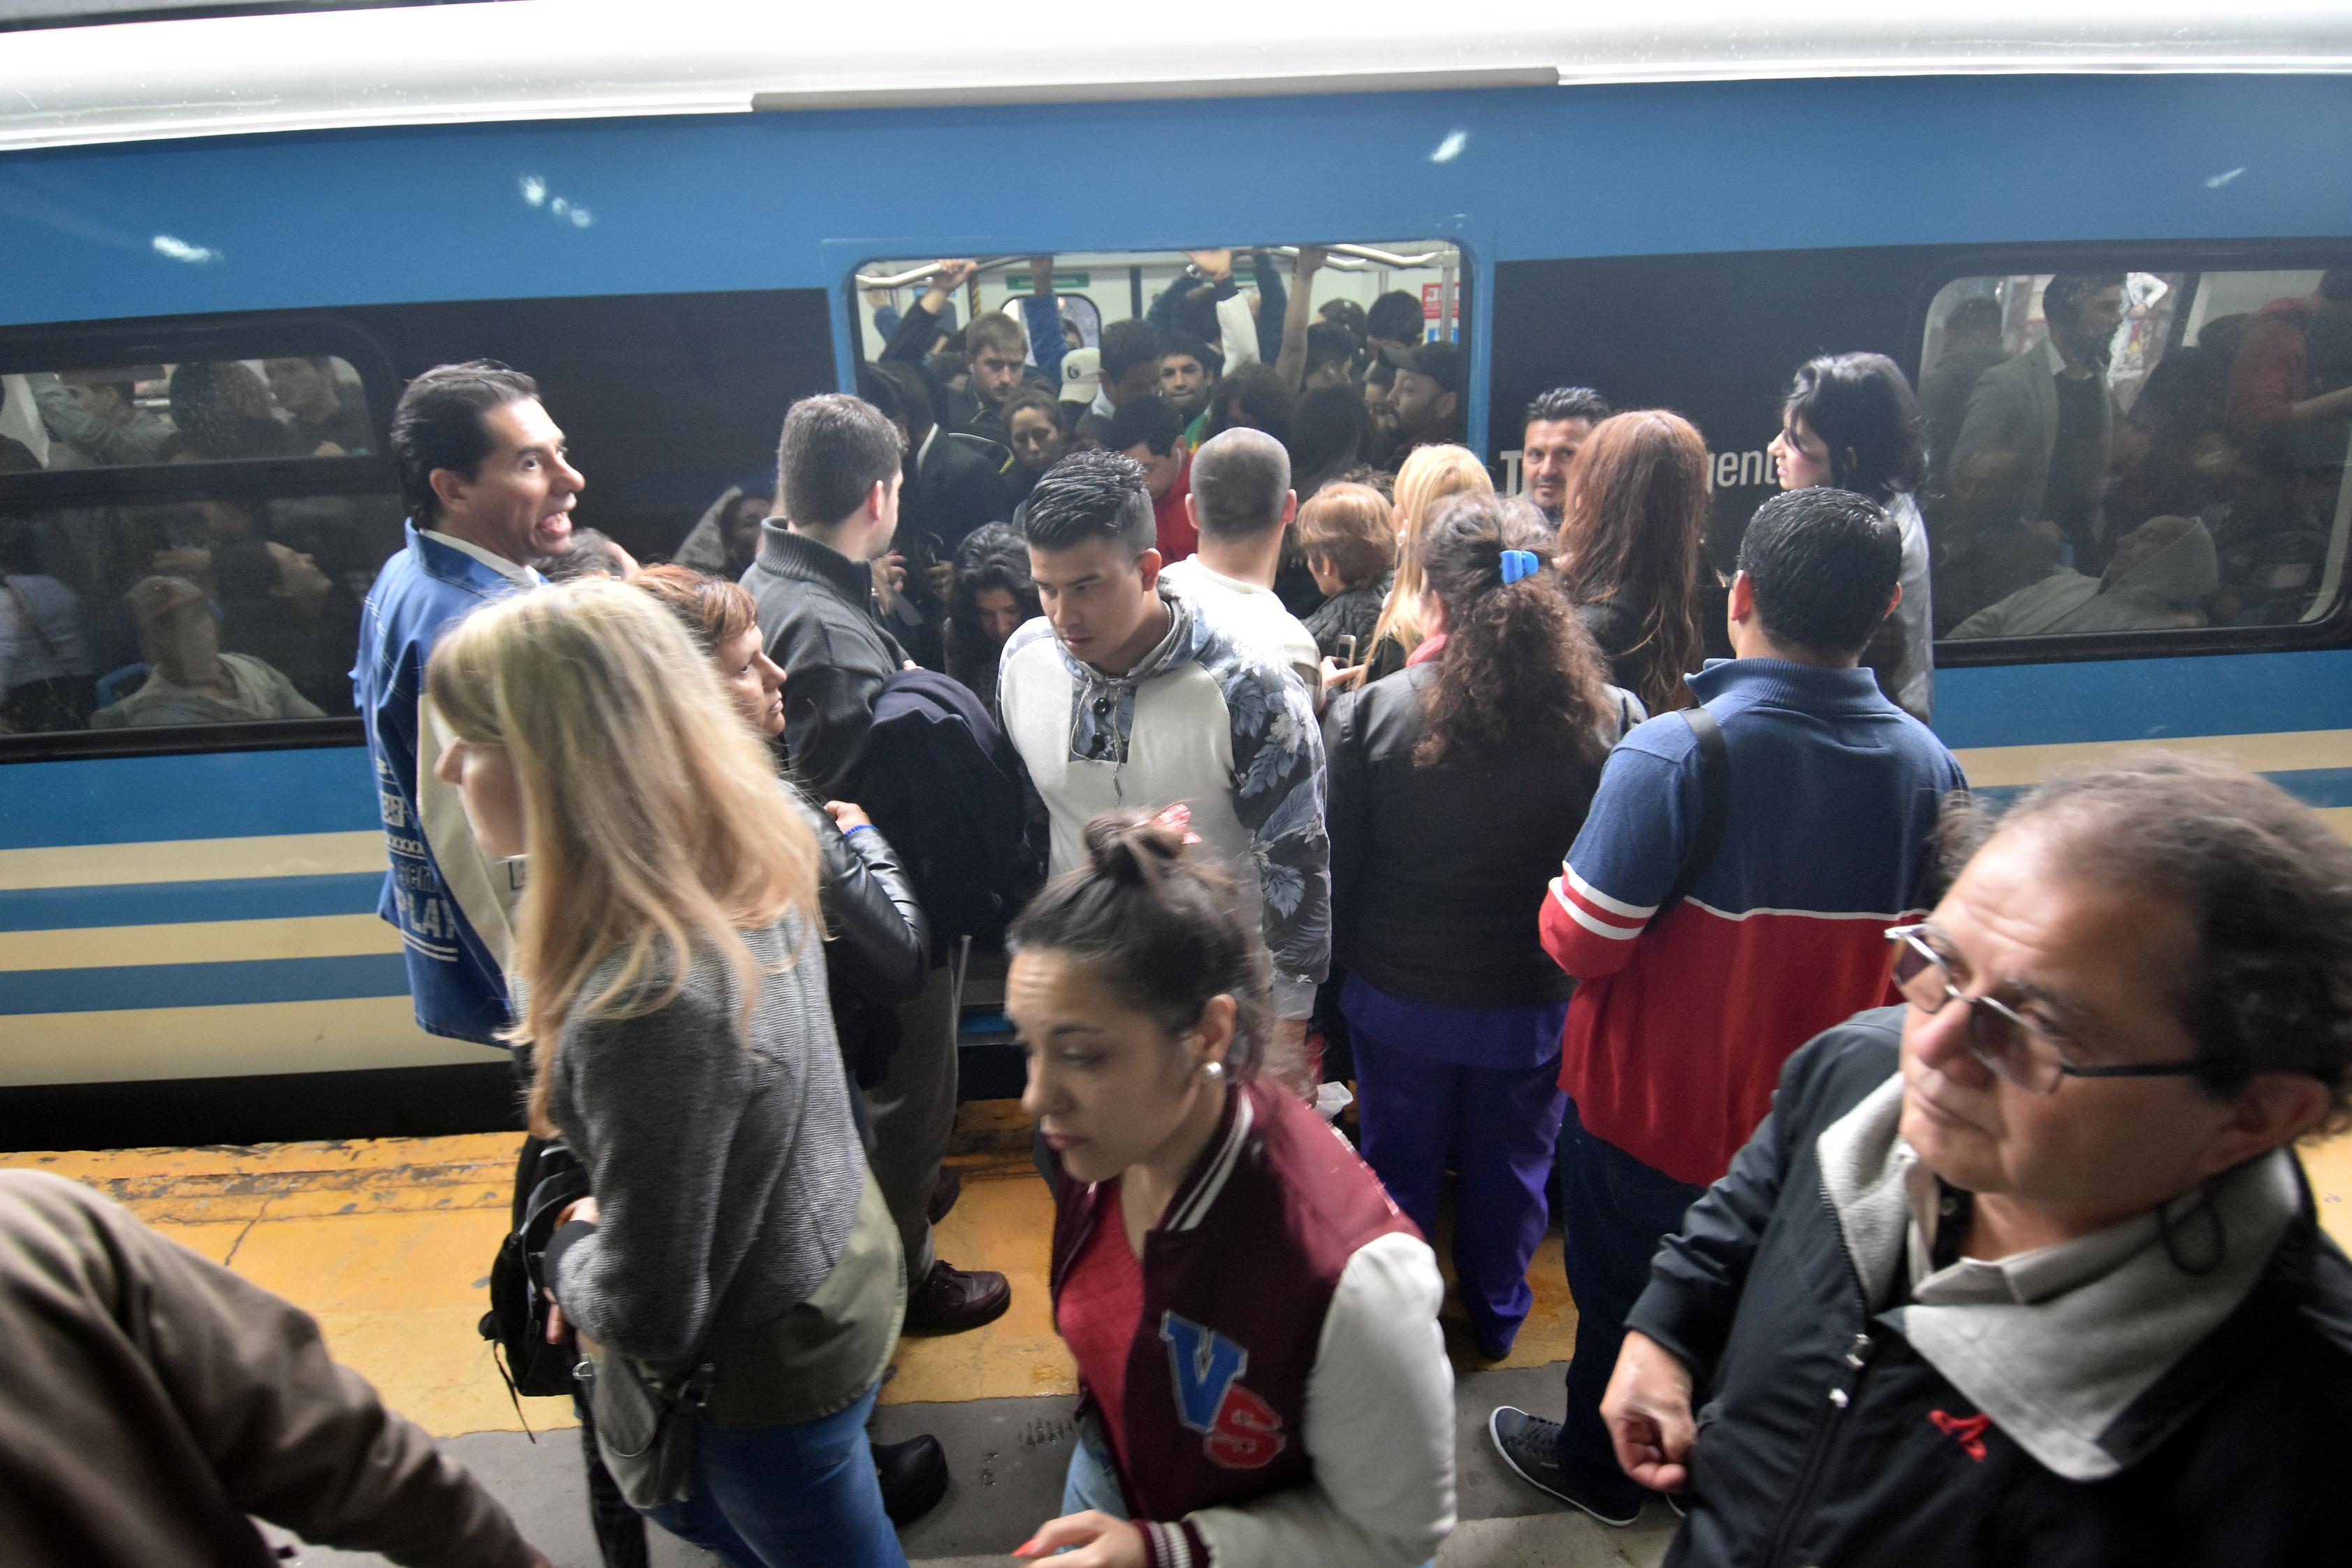 DYN20,LOMAS DE ZAMORA, BUENOS AIRES, 26/10/2016, PASAJEROS ESPERAN LA  RENAUDACION DE LOS SERVICIOS POR  PARO DE TRENES DE LA LINEA ROCA. FOTO:DYN/LUCIANO THIEBERGER.